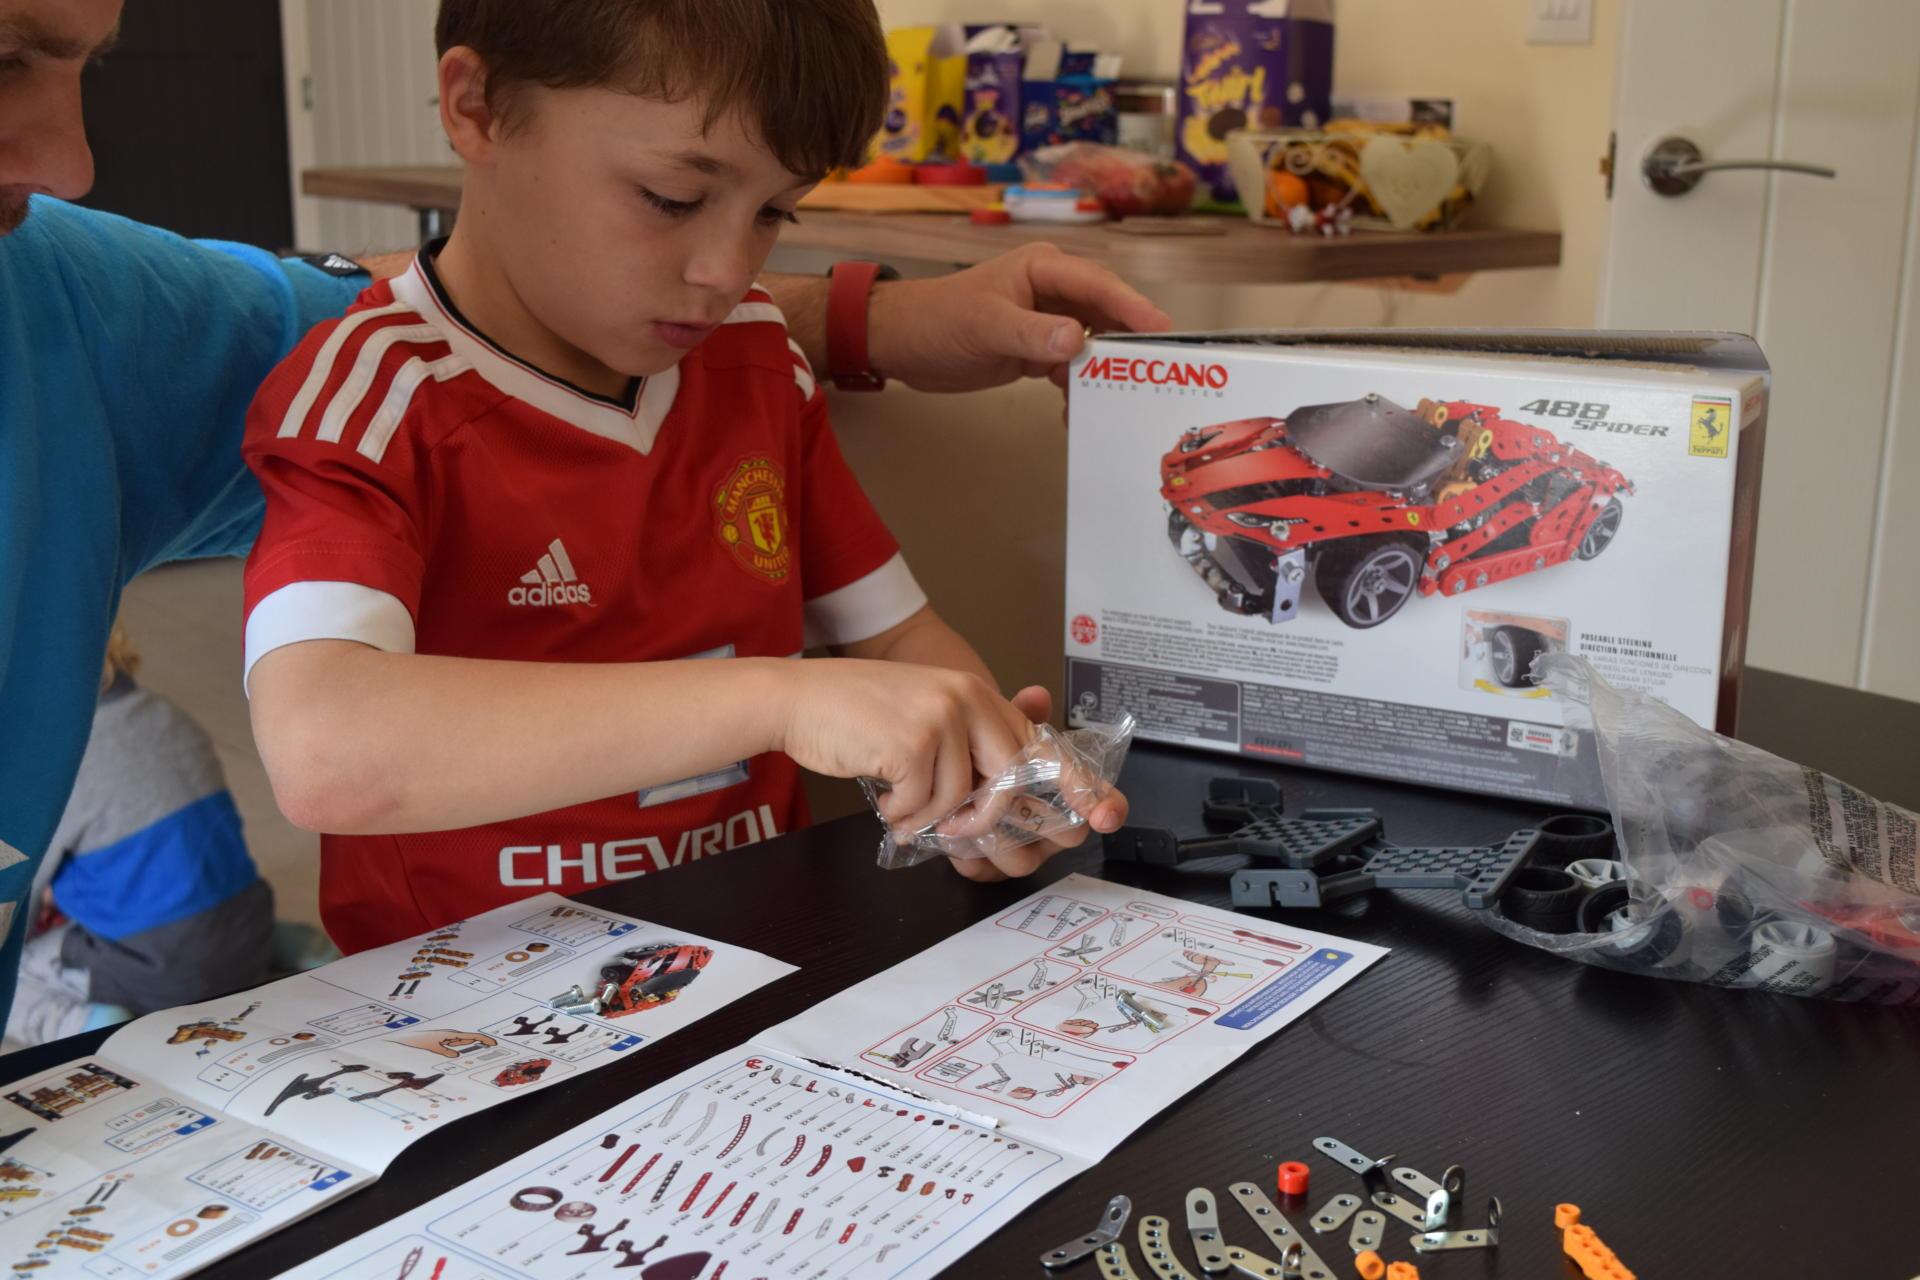 Meccano Ferrari 488 Spider